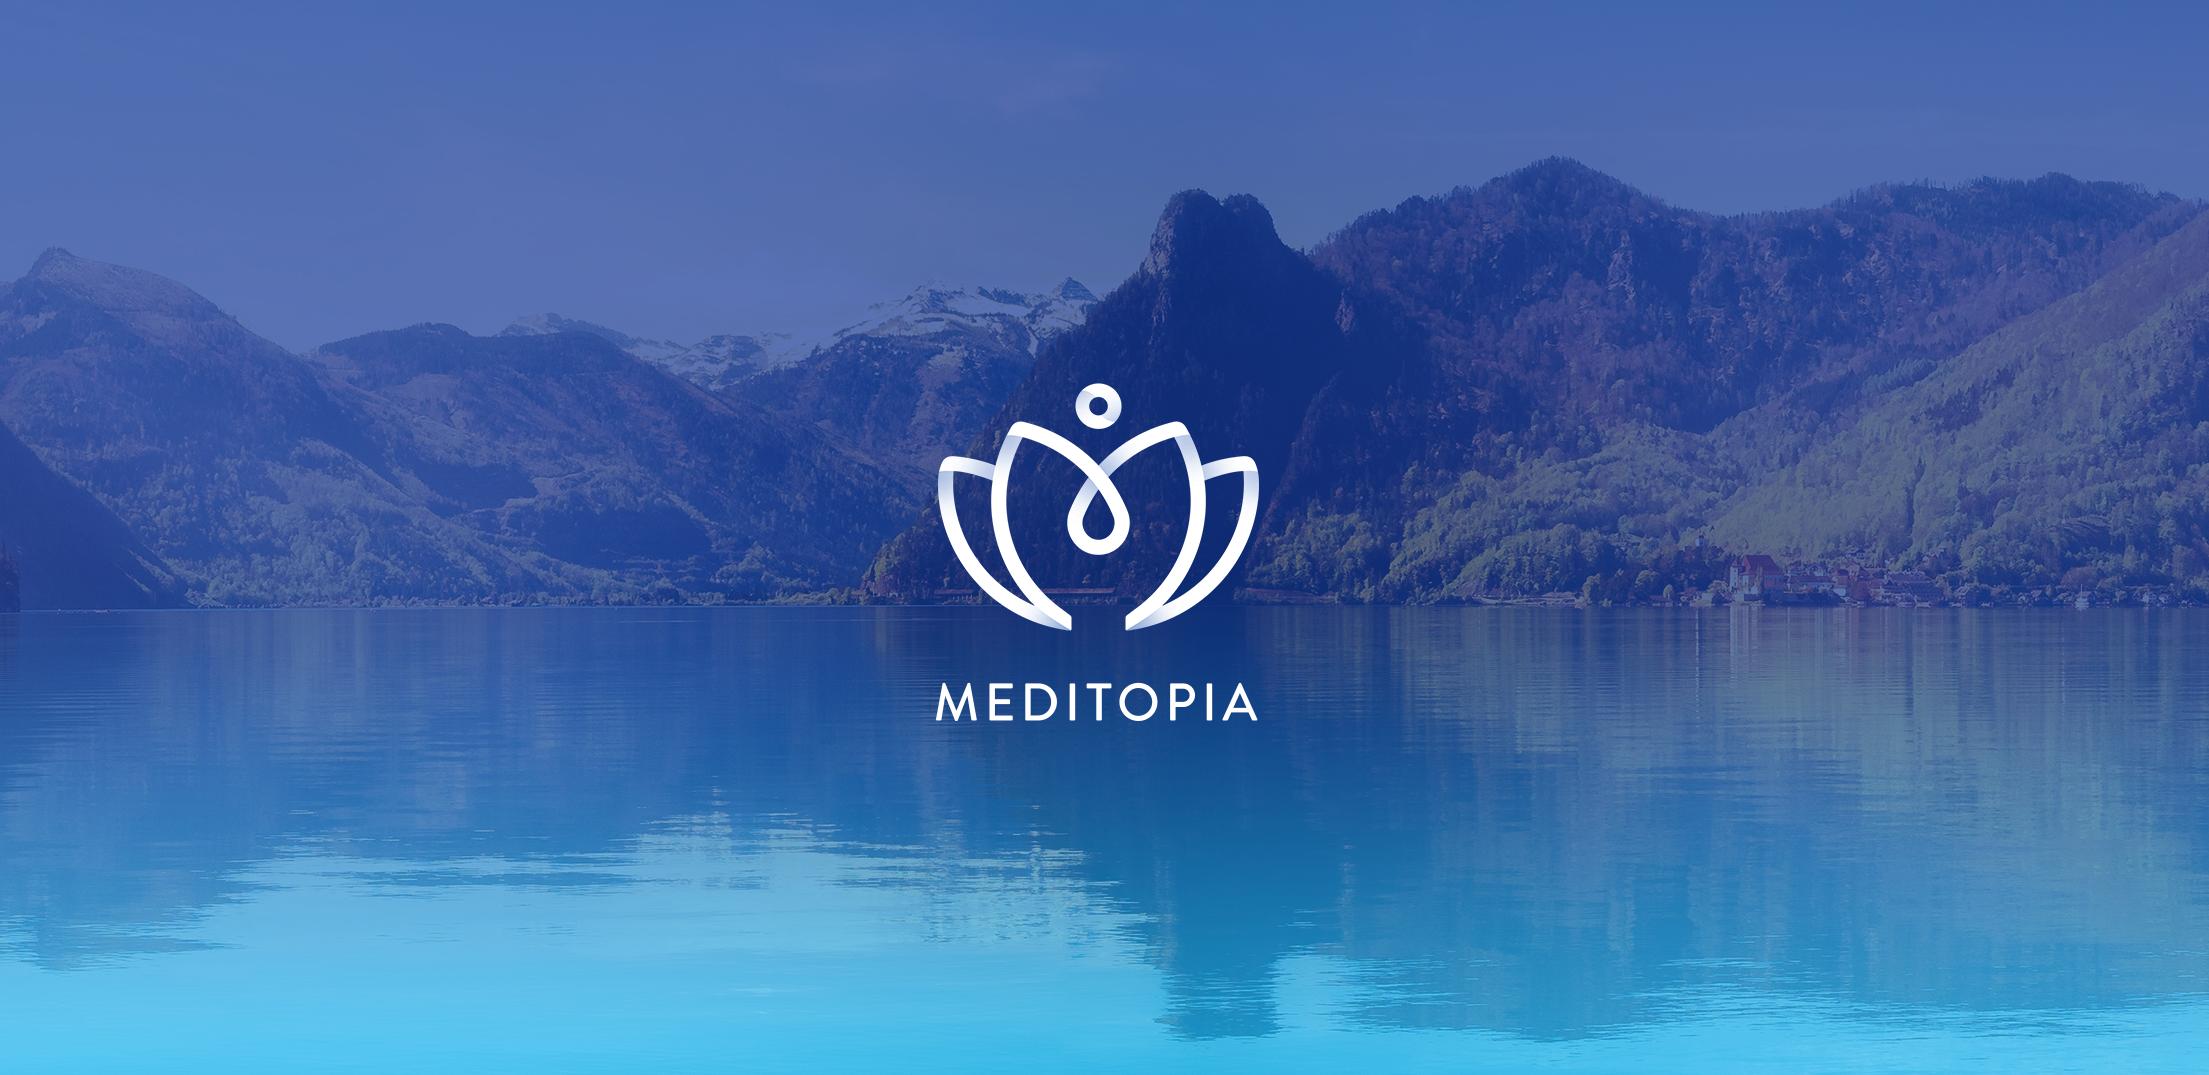 meditopia premium apk